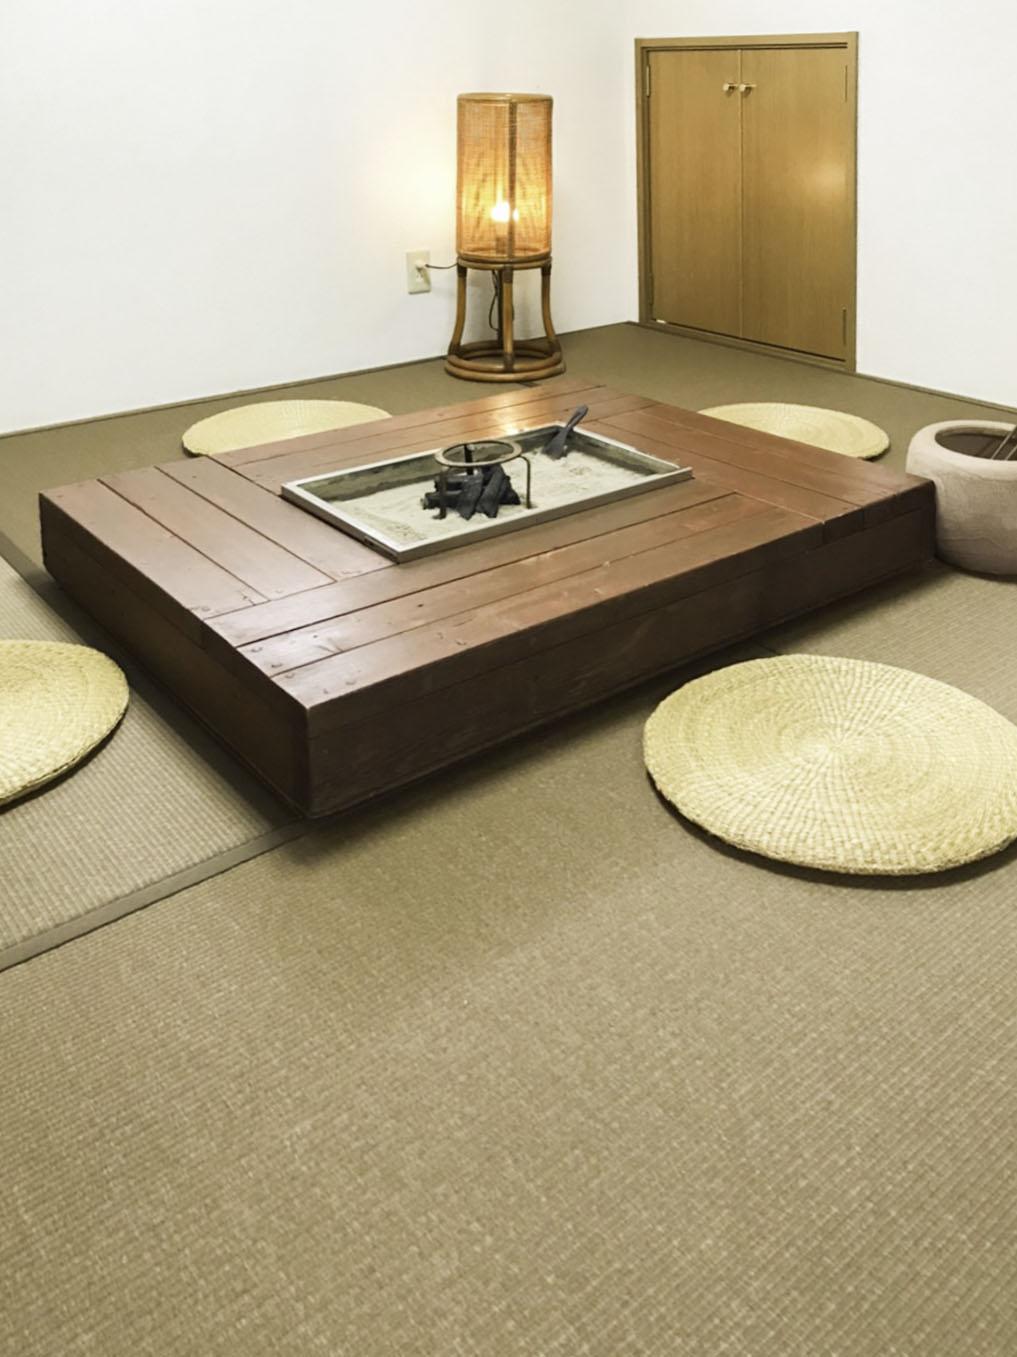 胡桃色の和紙畳でモダンな畳コーナーになりました。